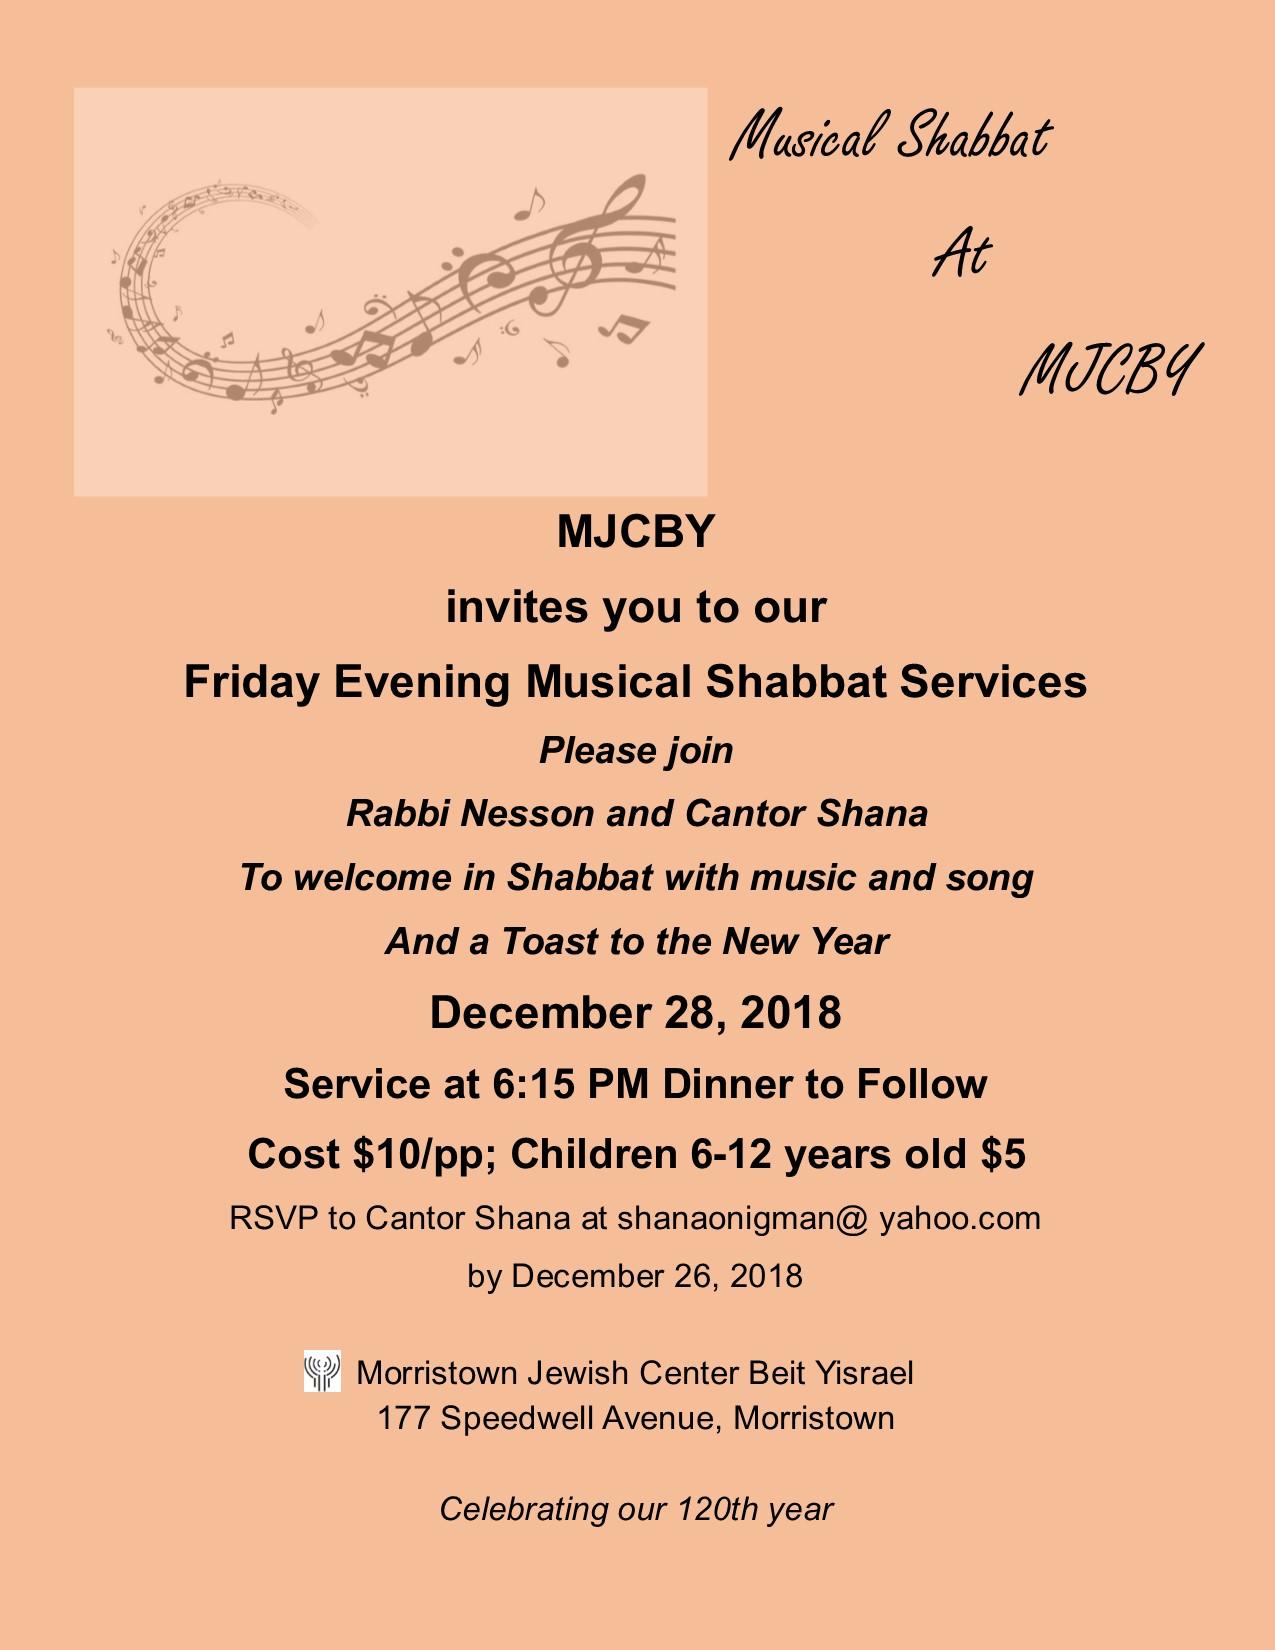 Musical-Shabbat-Dec-2018